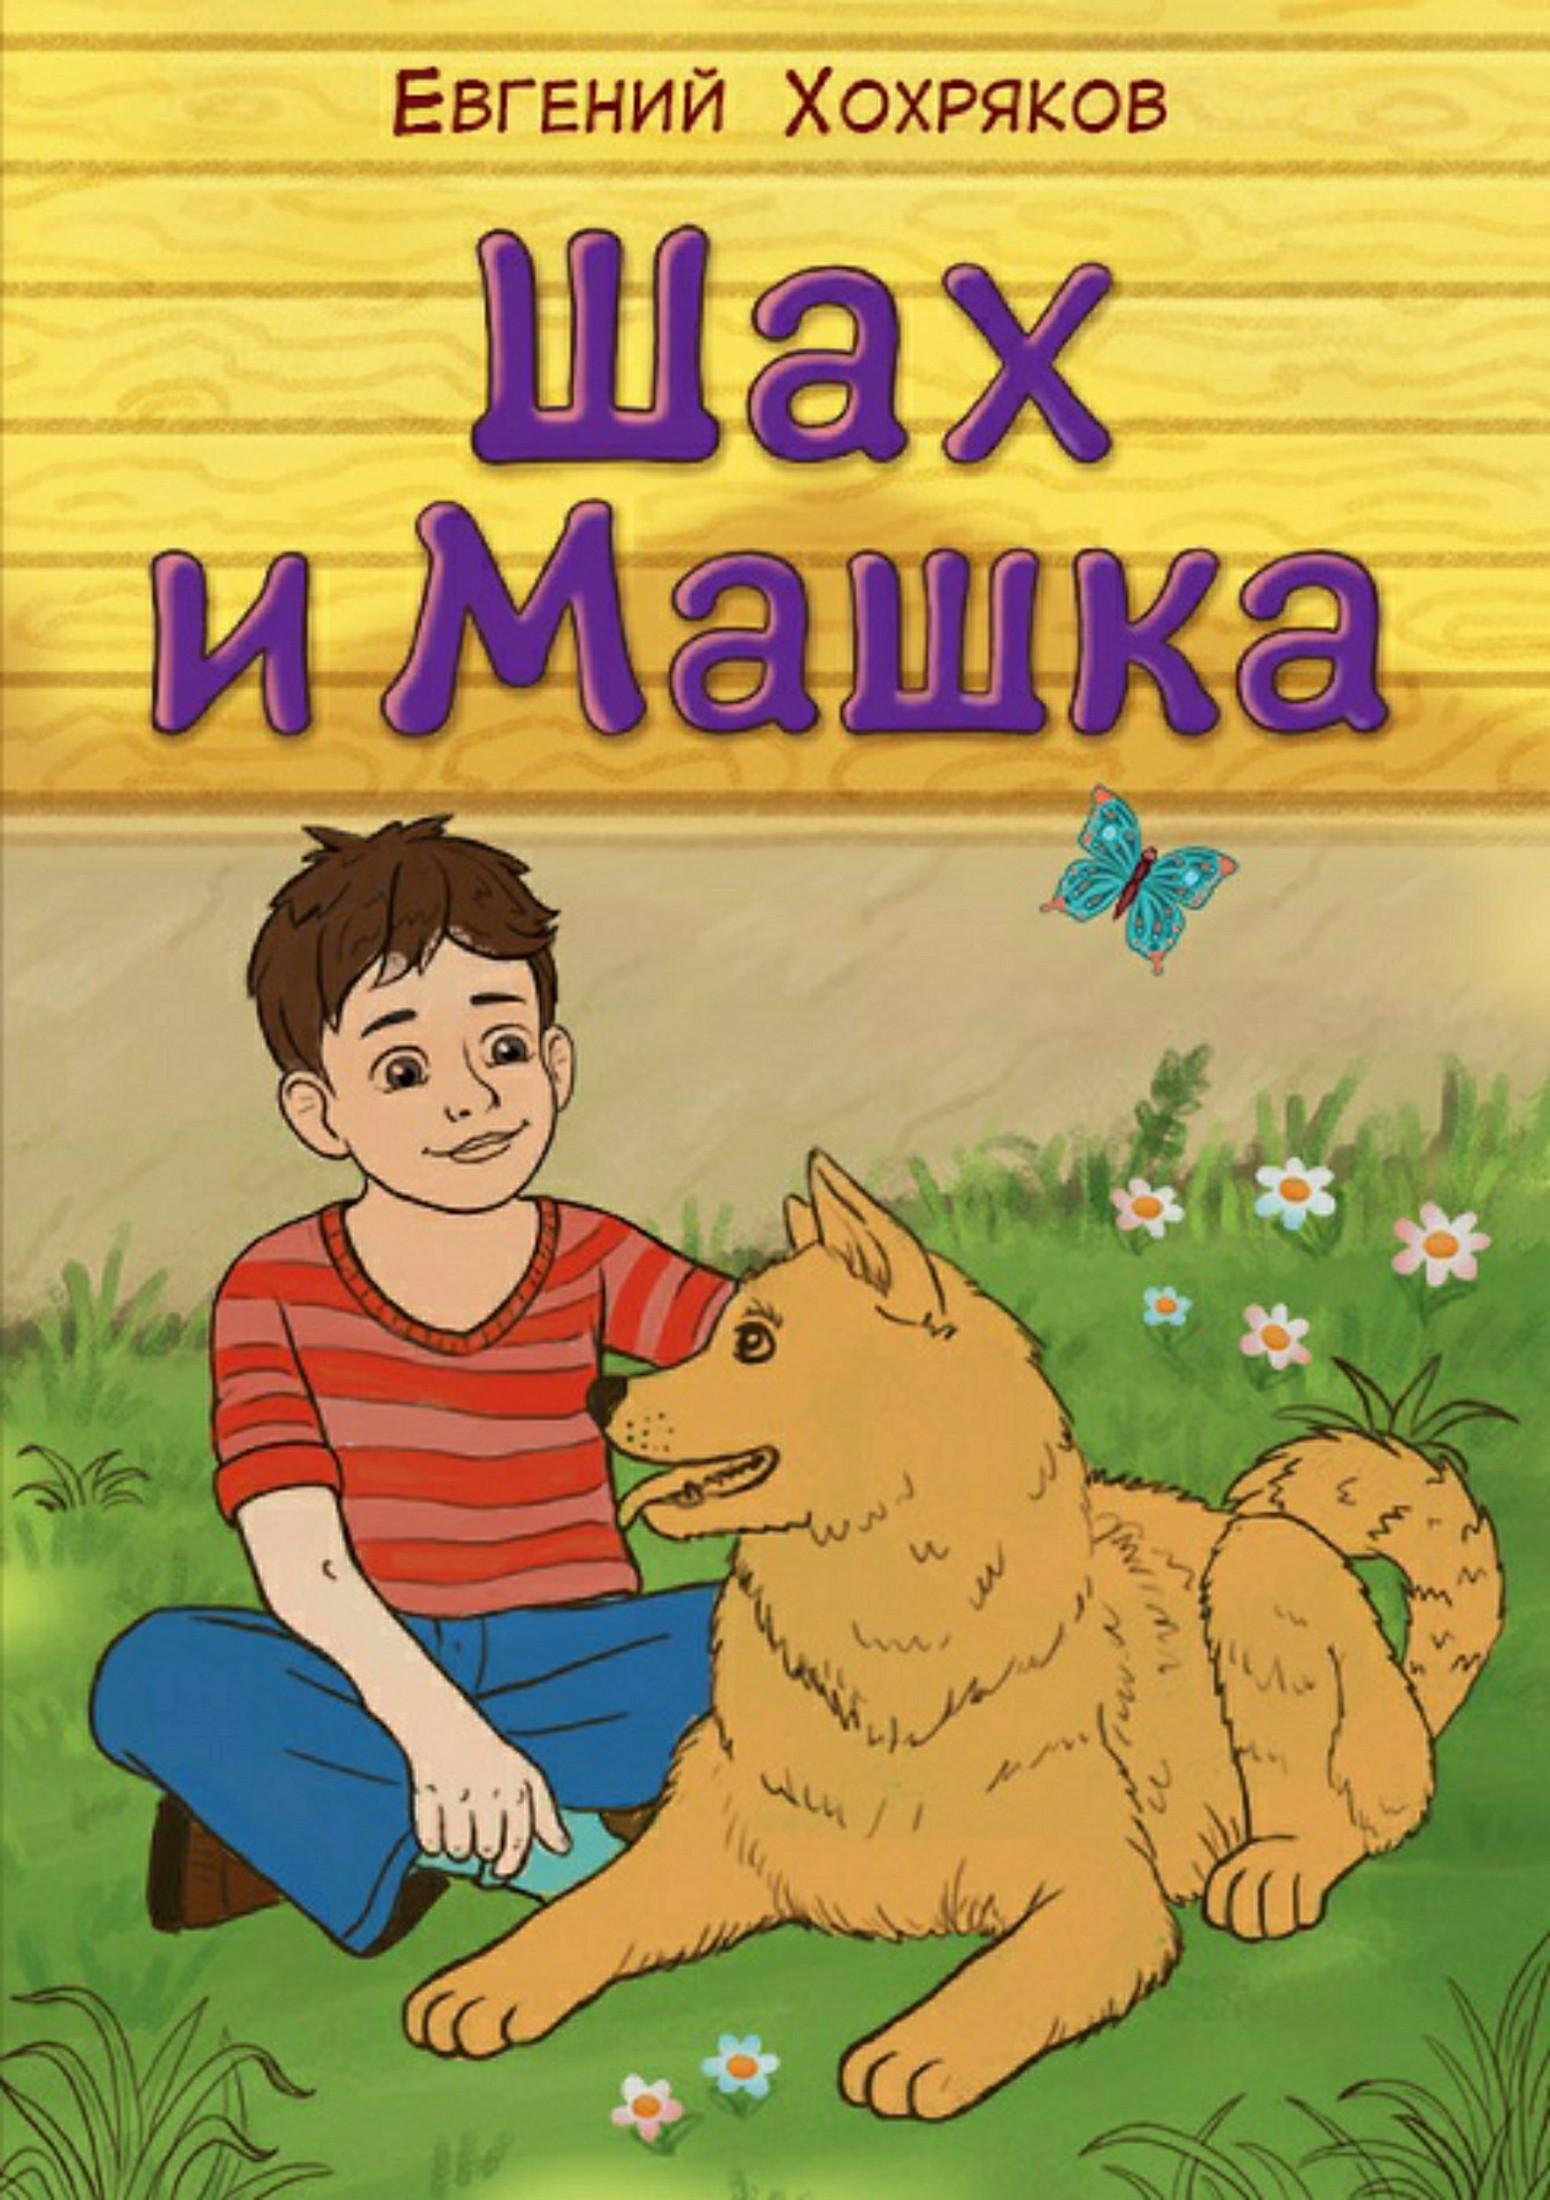 Евгений Хохряков - Шах и Машка